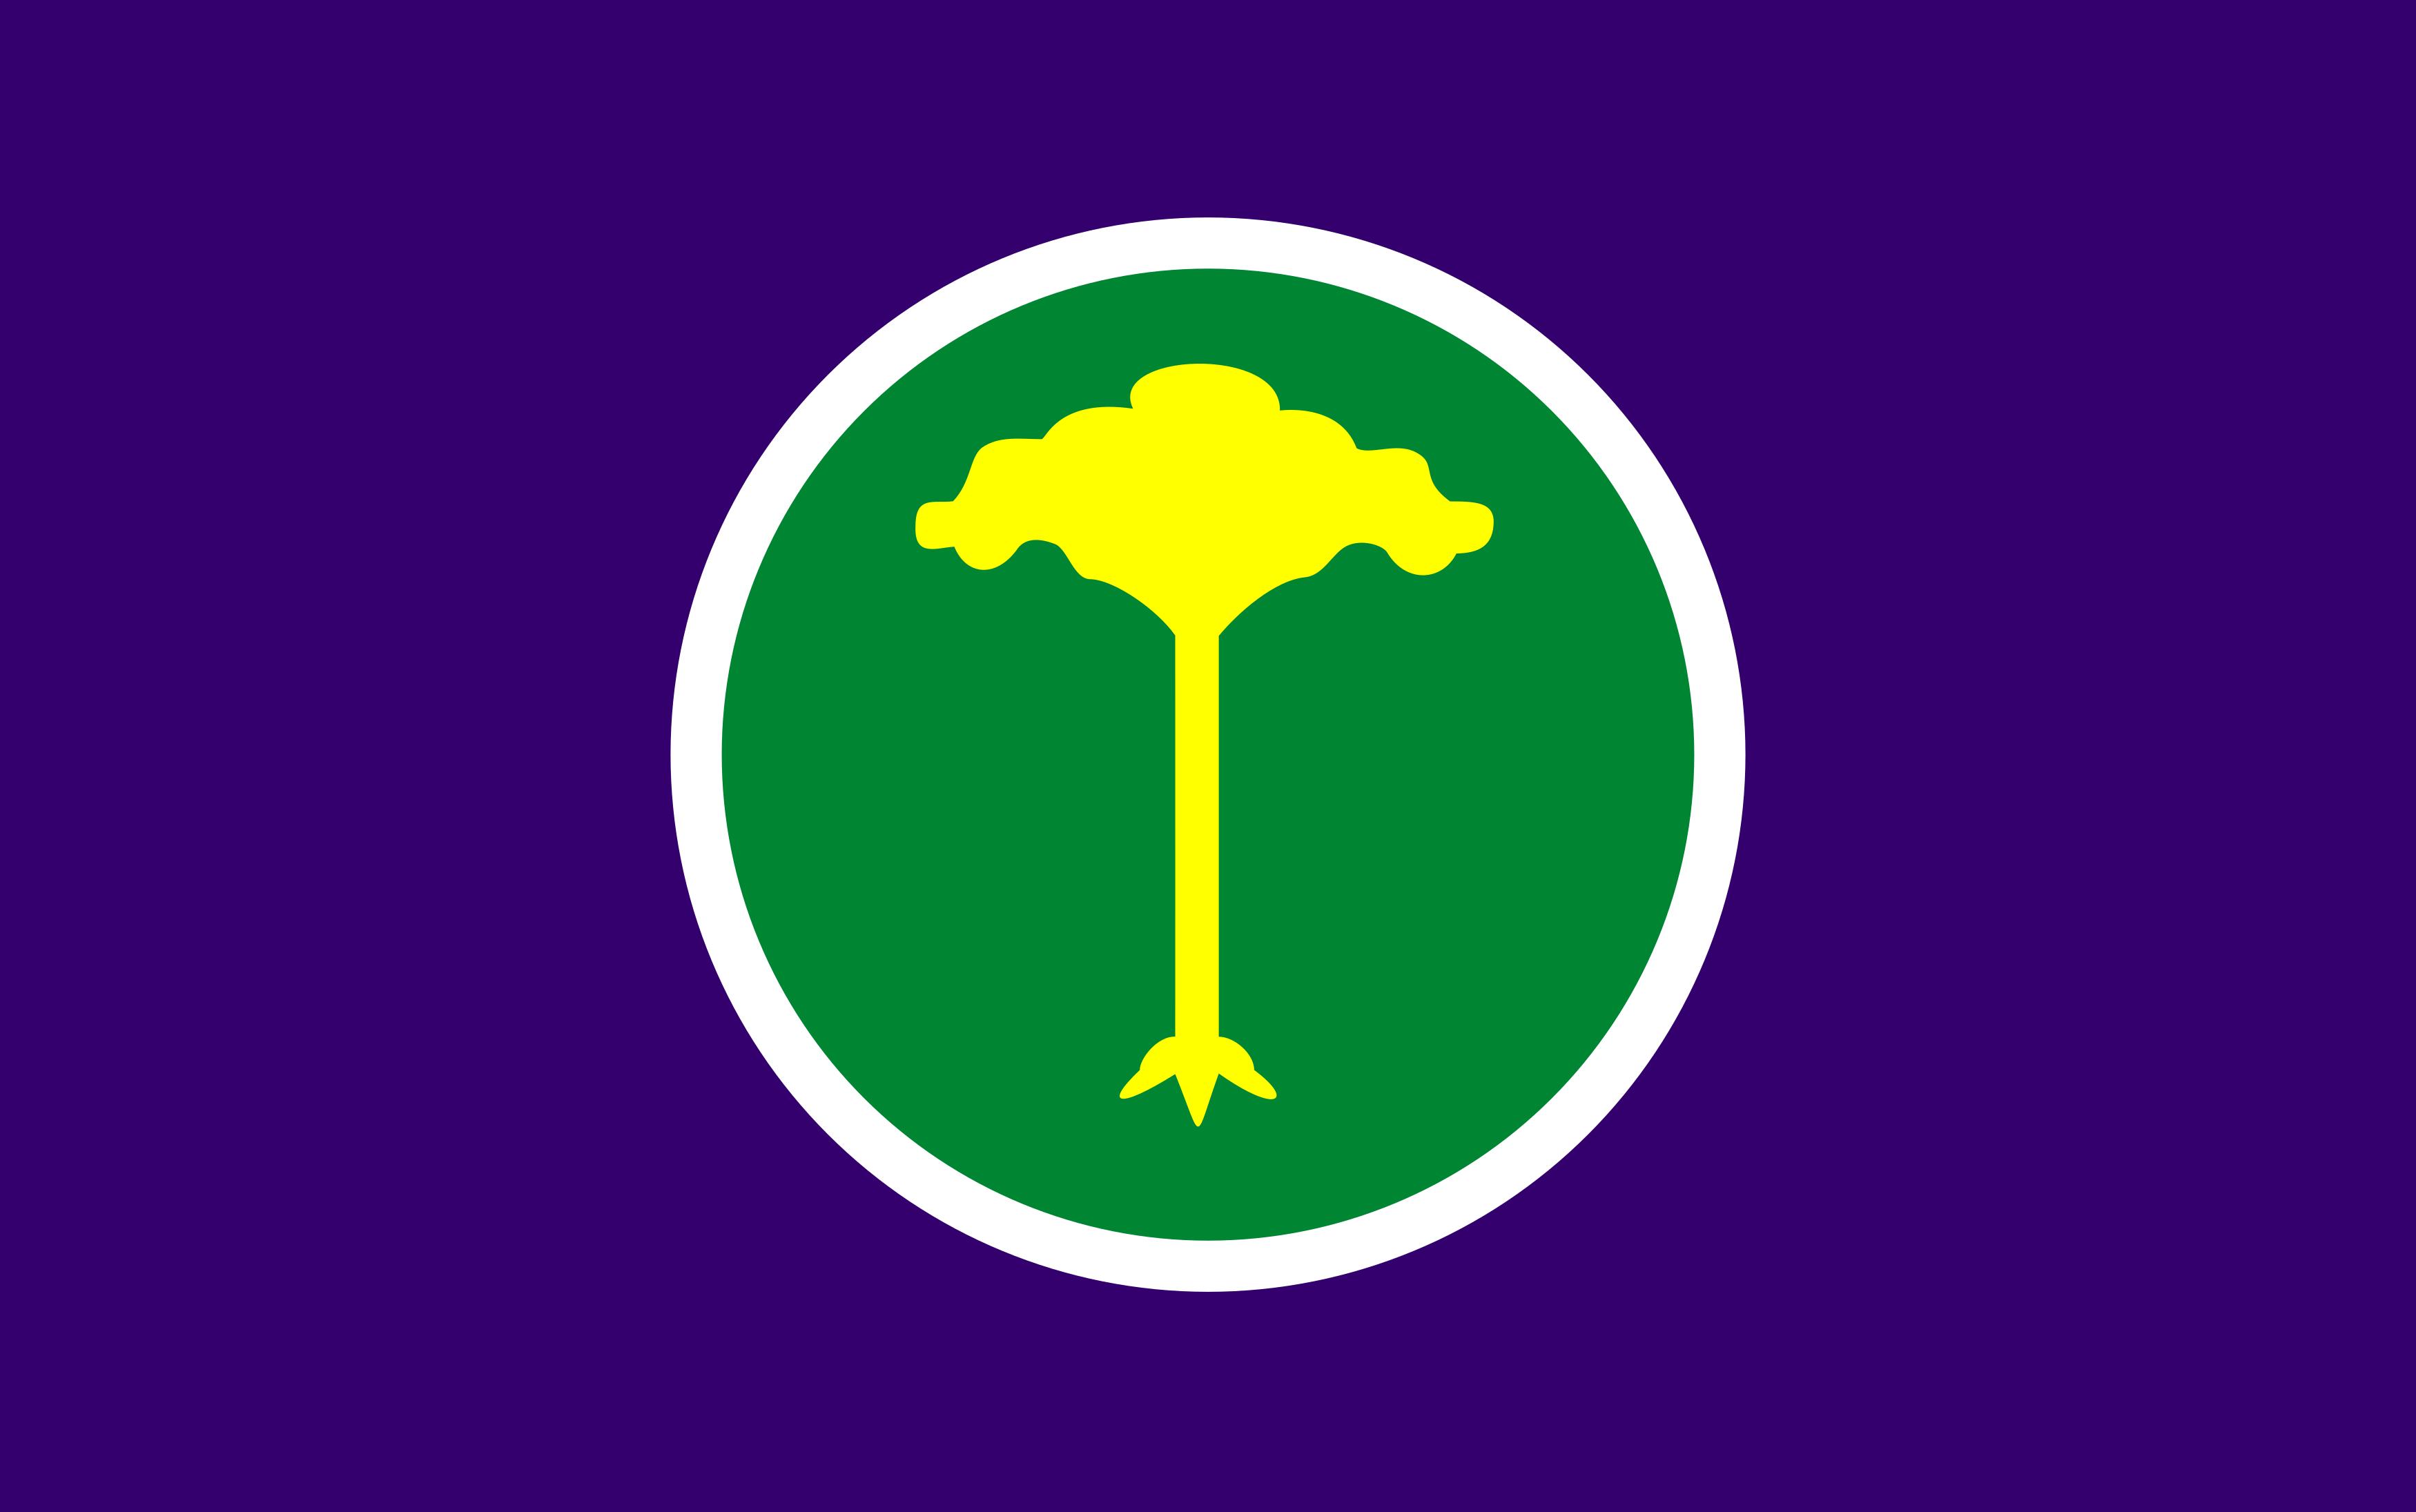 bandeira de sao carlos sp - Bandeira de São Carlos SP